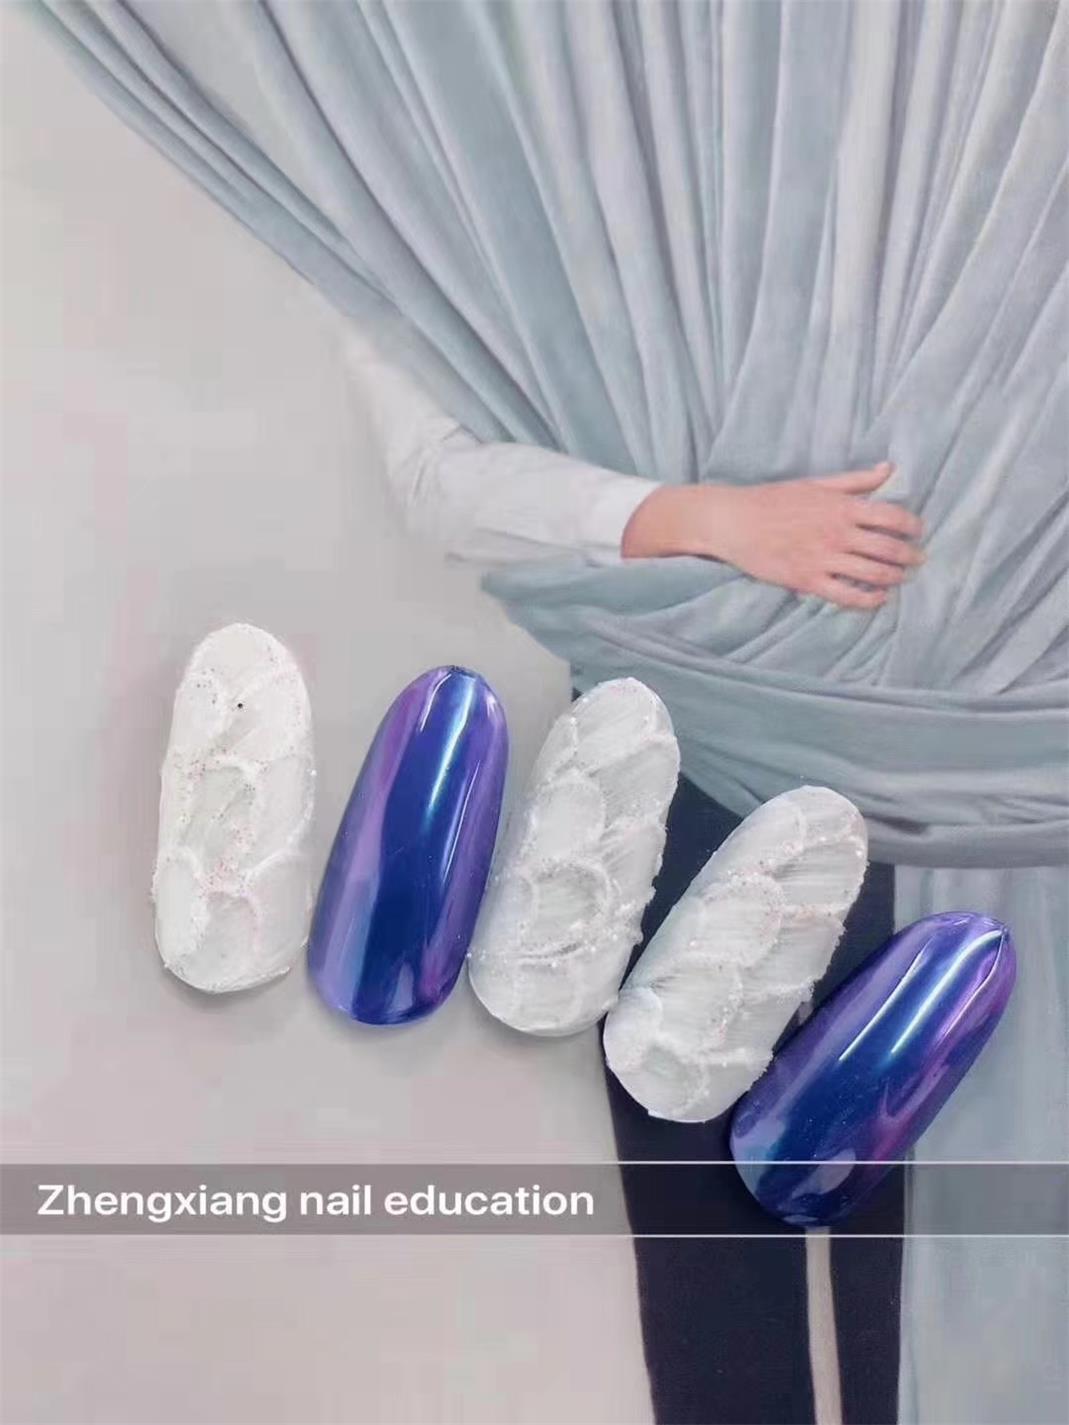 青海省西宁市小清新美甲效果怎么样 欢迎咨询 青海郑响文化传播供应